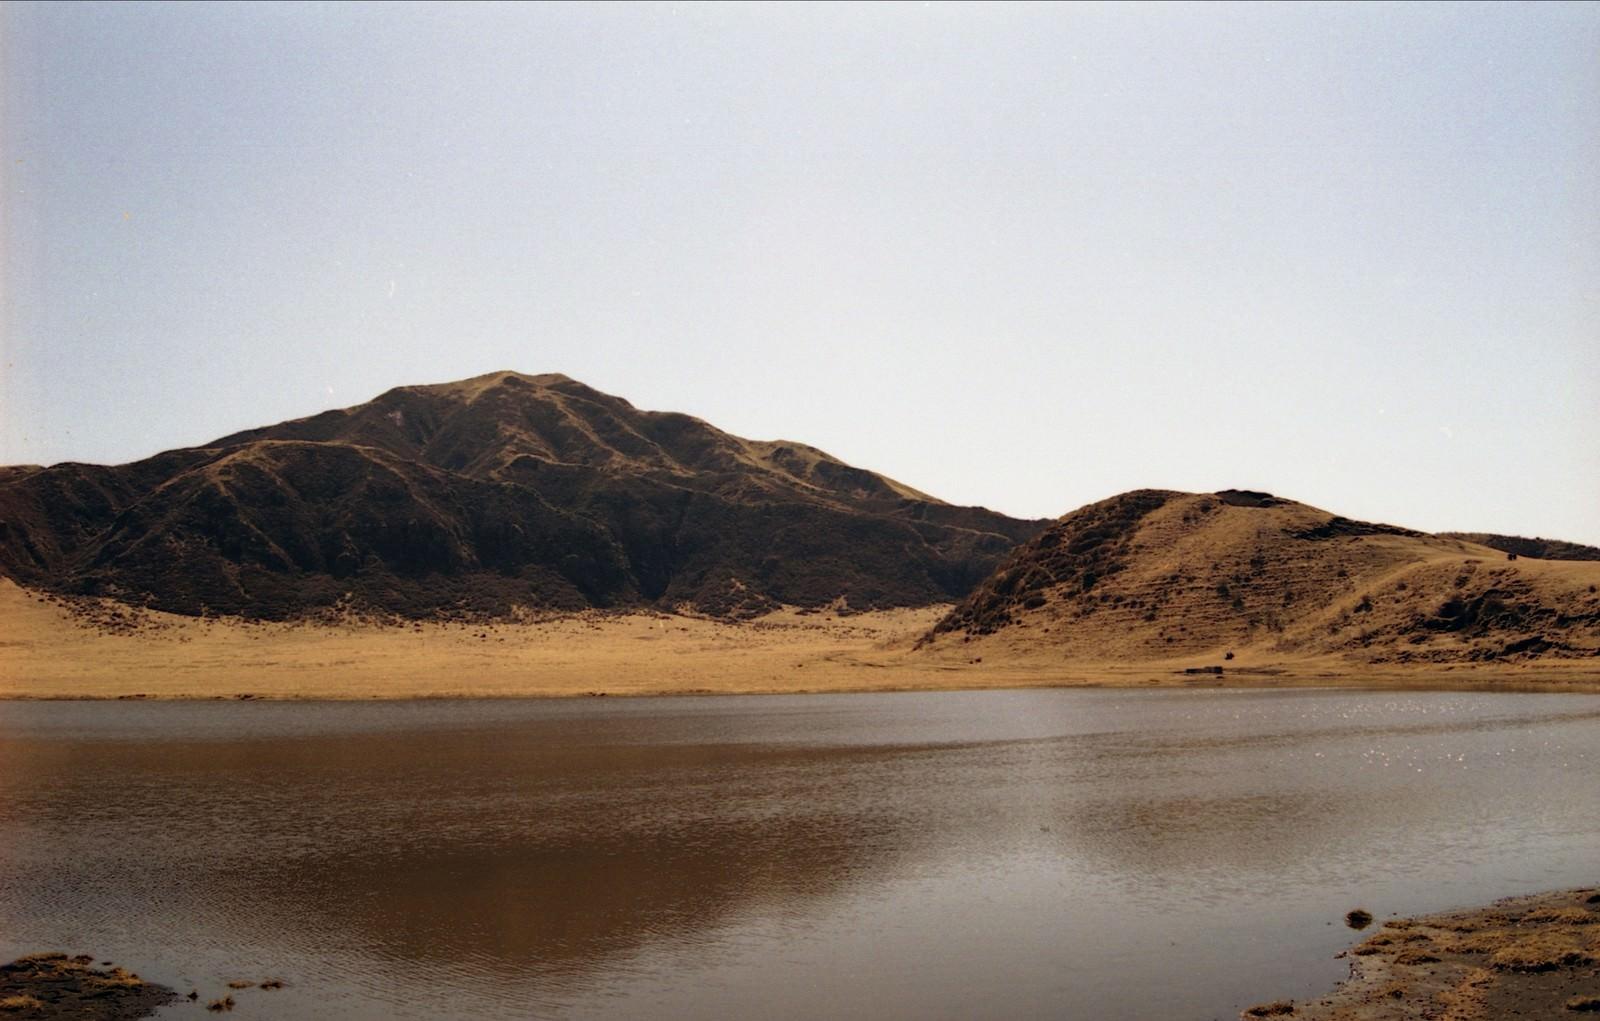 「湖面におちる山の影と湖」の写真